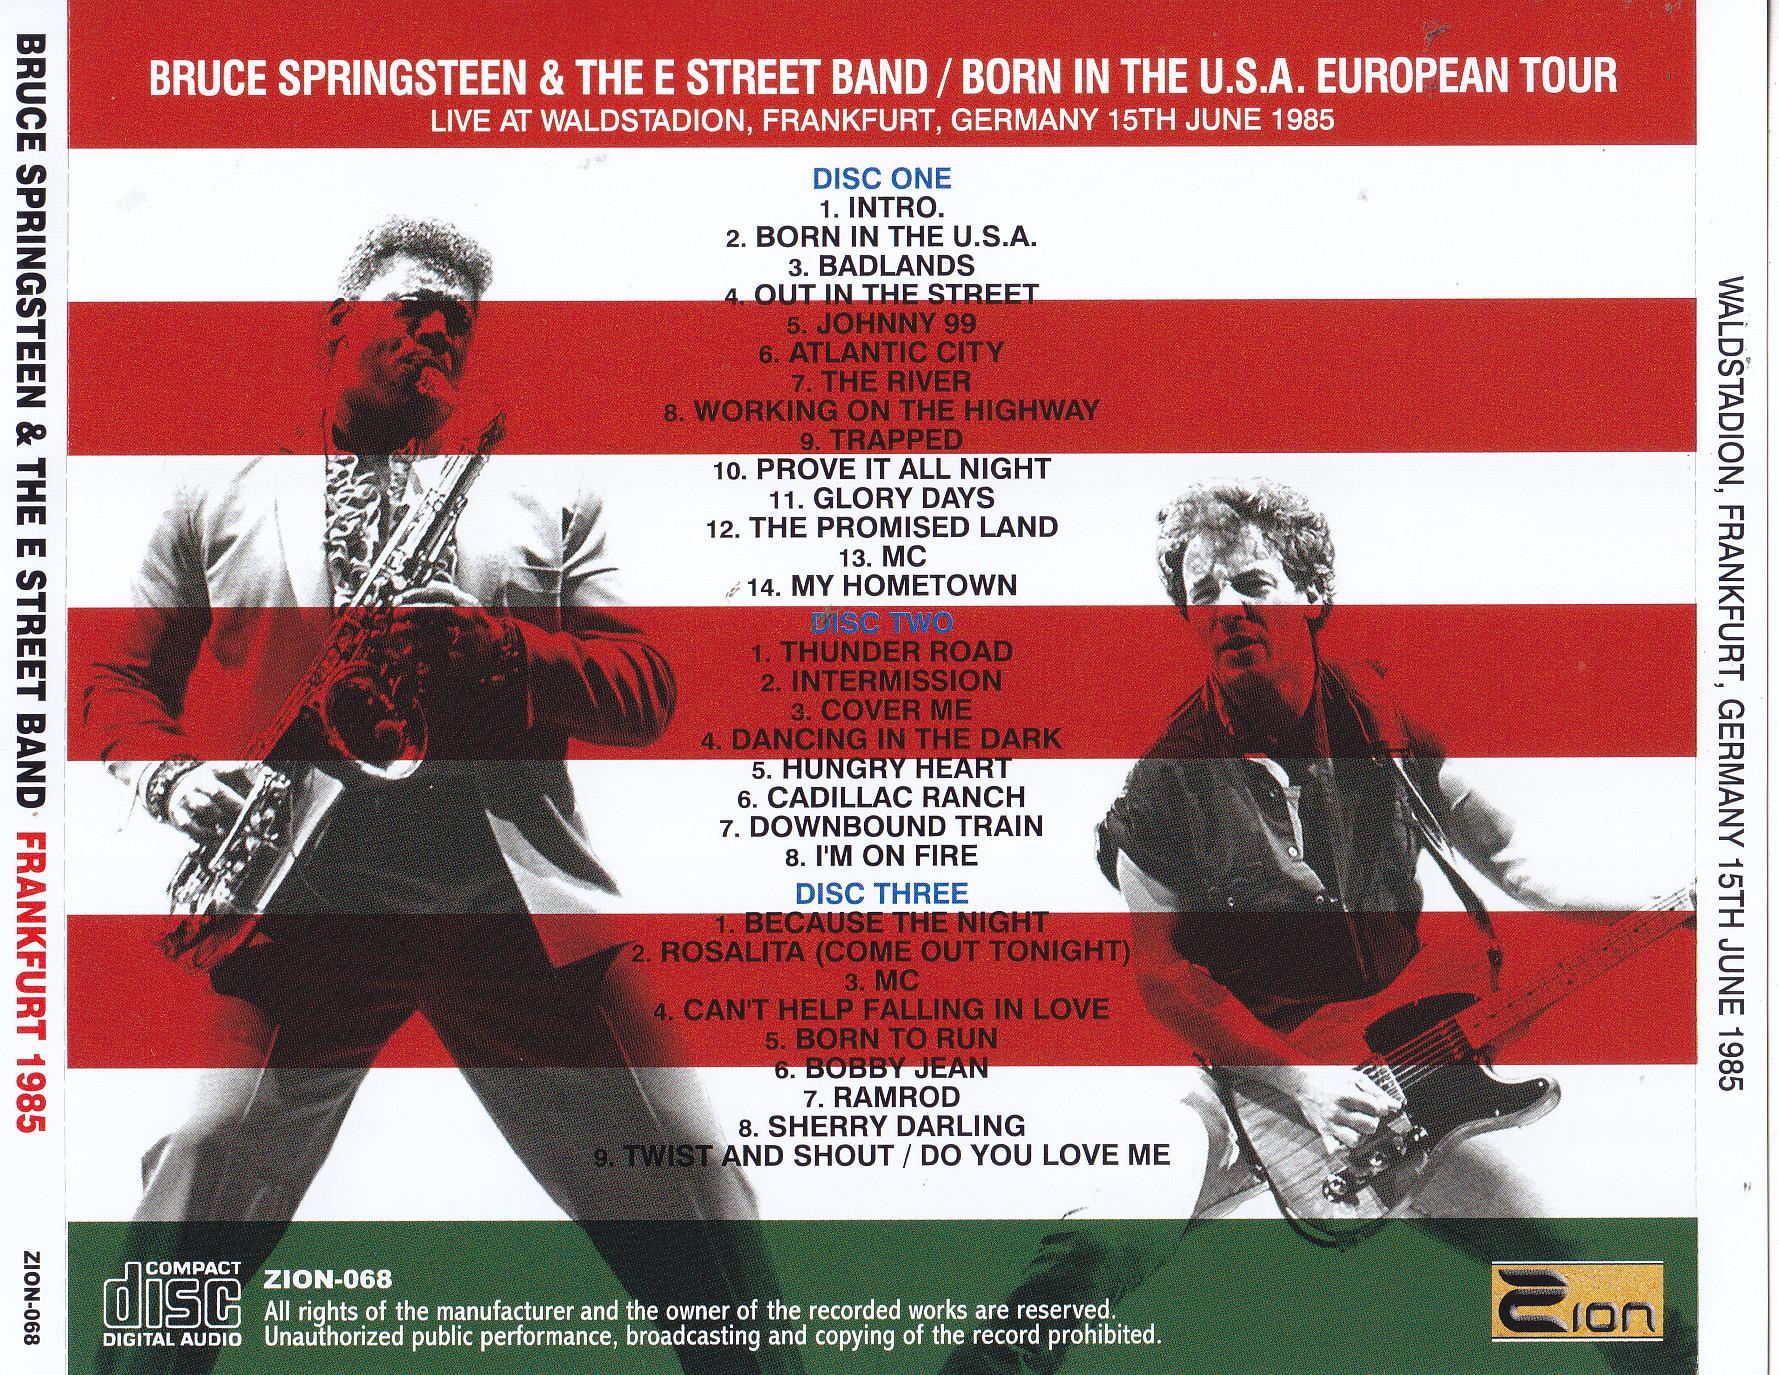 Bruce Springsteen Frankfurt